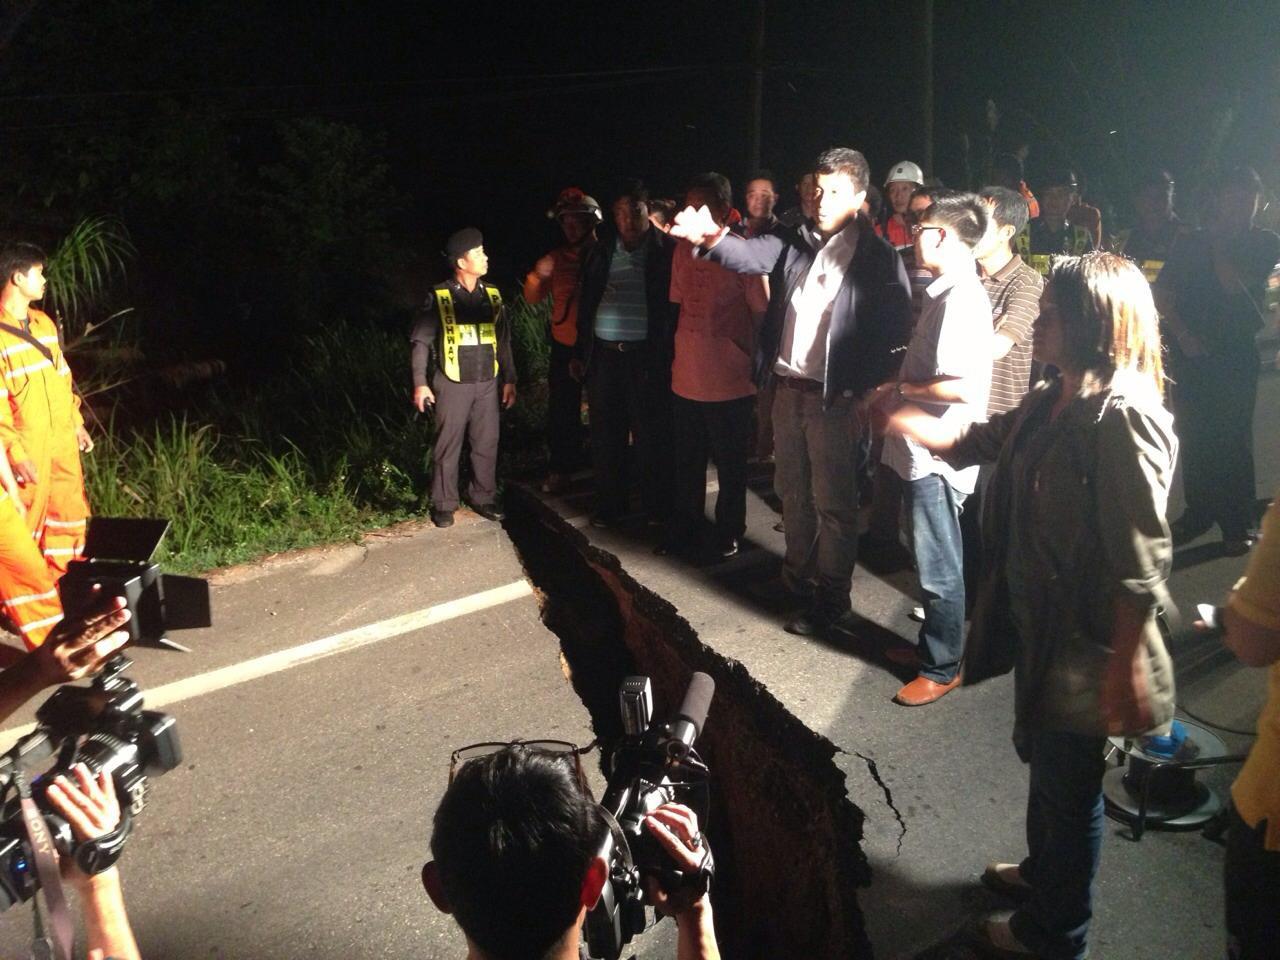 รมว.คมนาคม ลงพื้นที่ดูถนนที่เสียหายจากแผ่นดินไหว